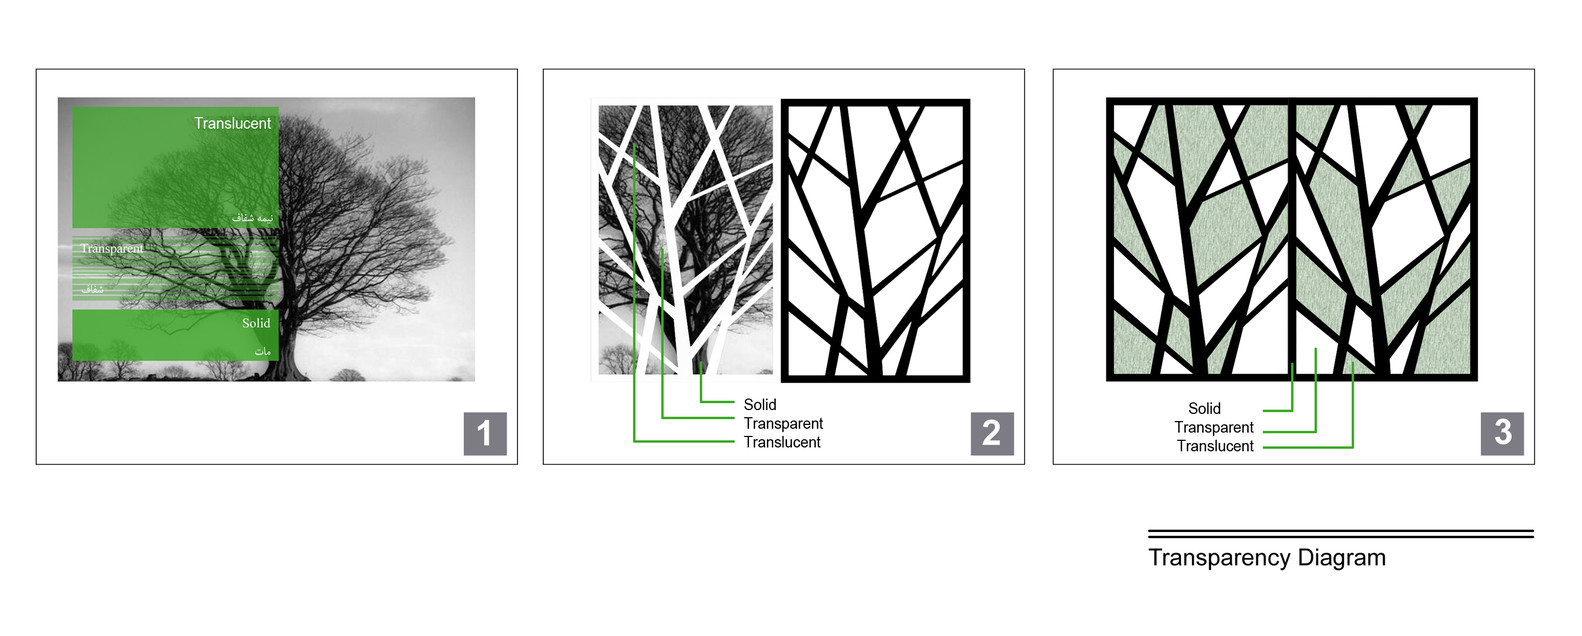 Taller de dise o iv arquitectura up for Concepto de arquitectura